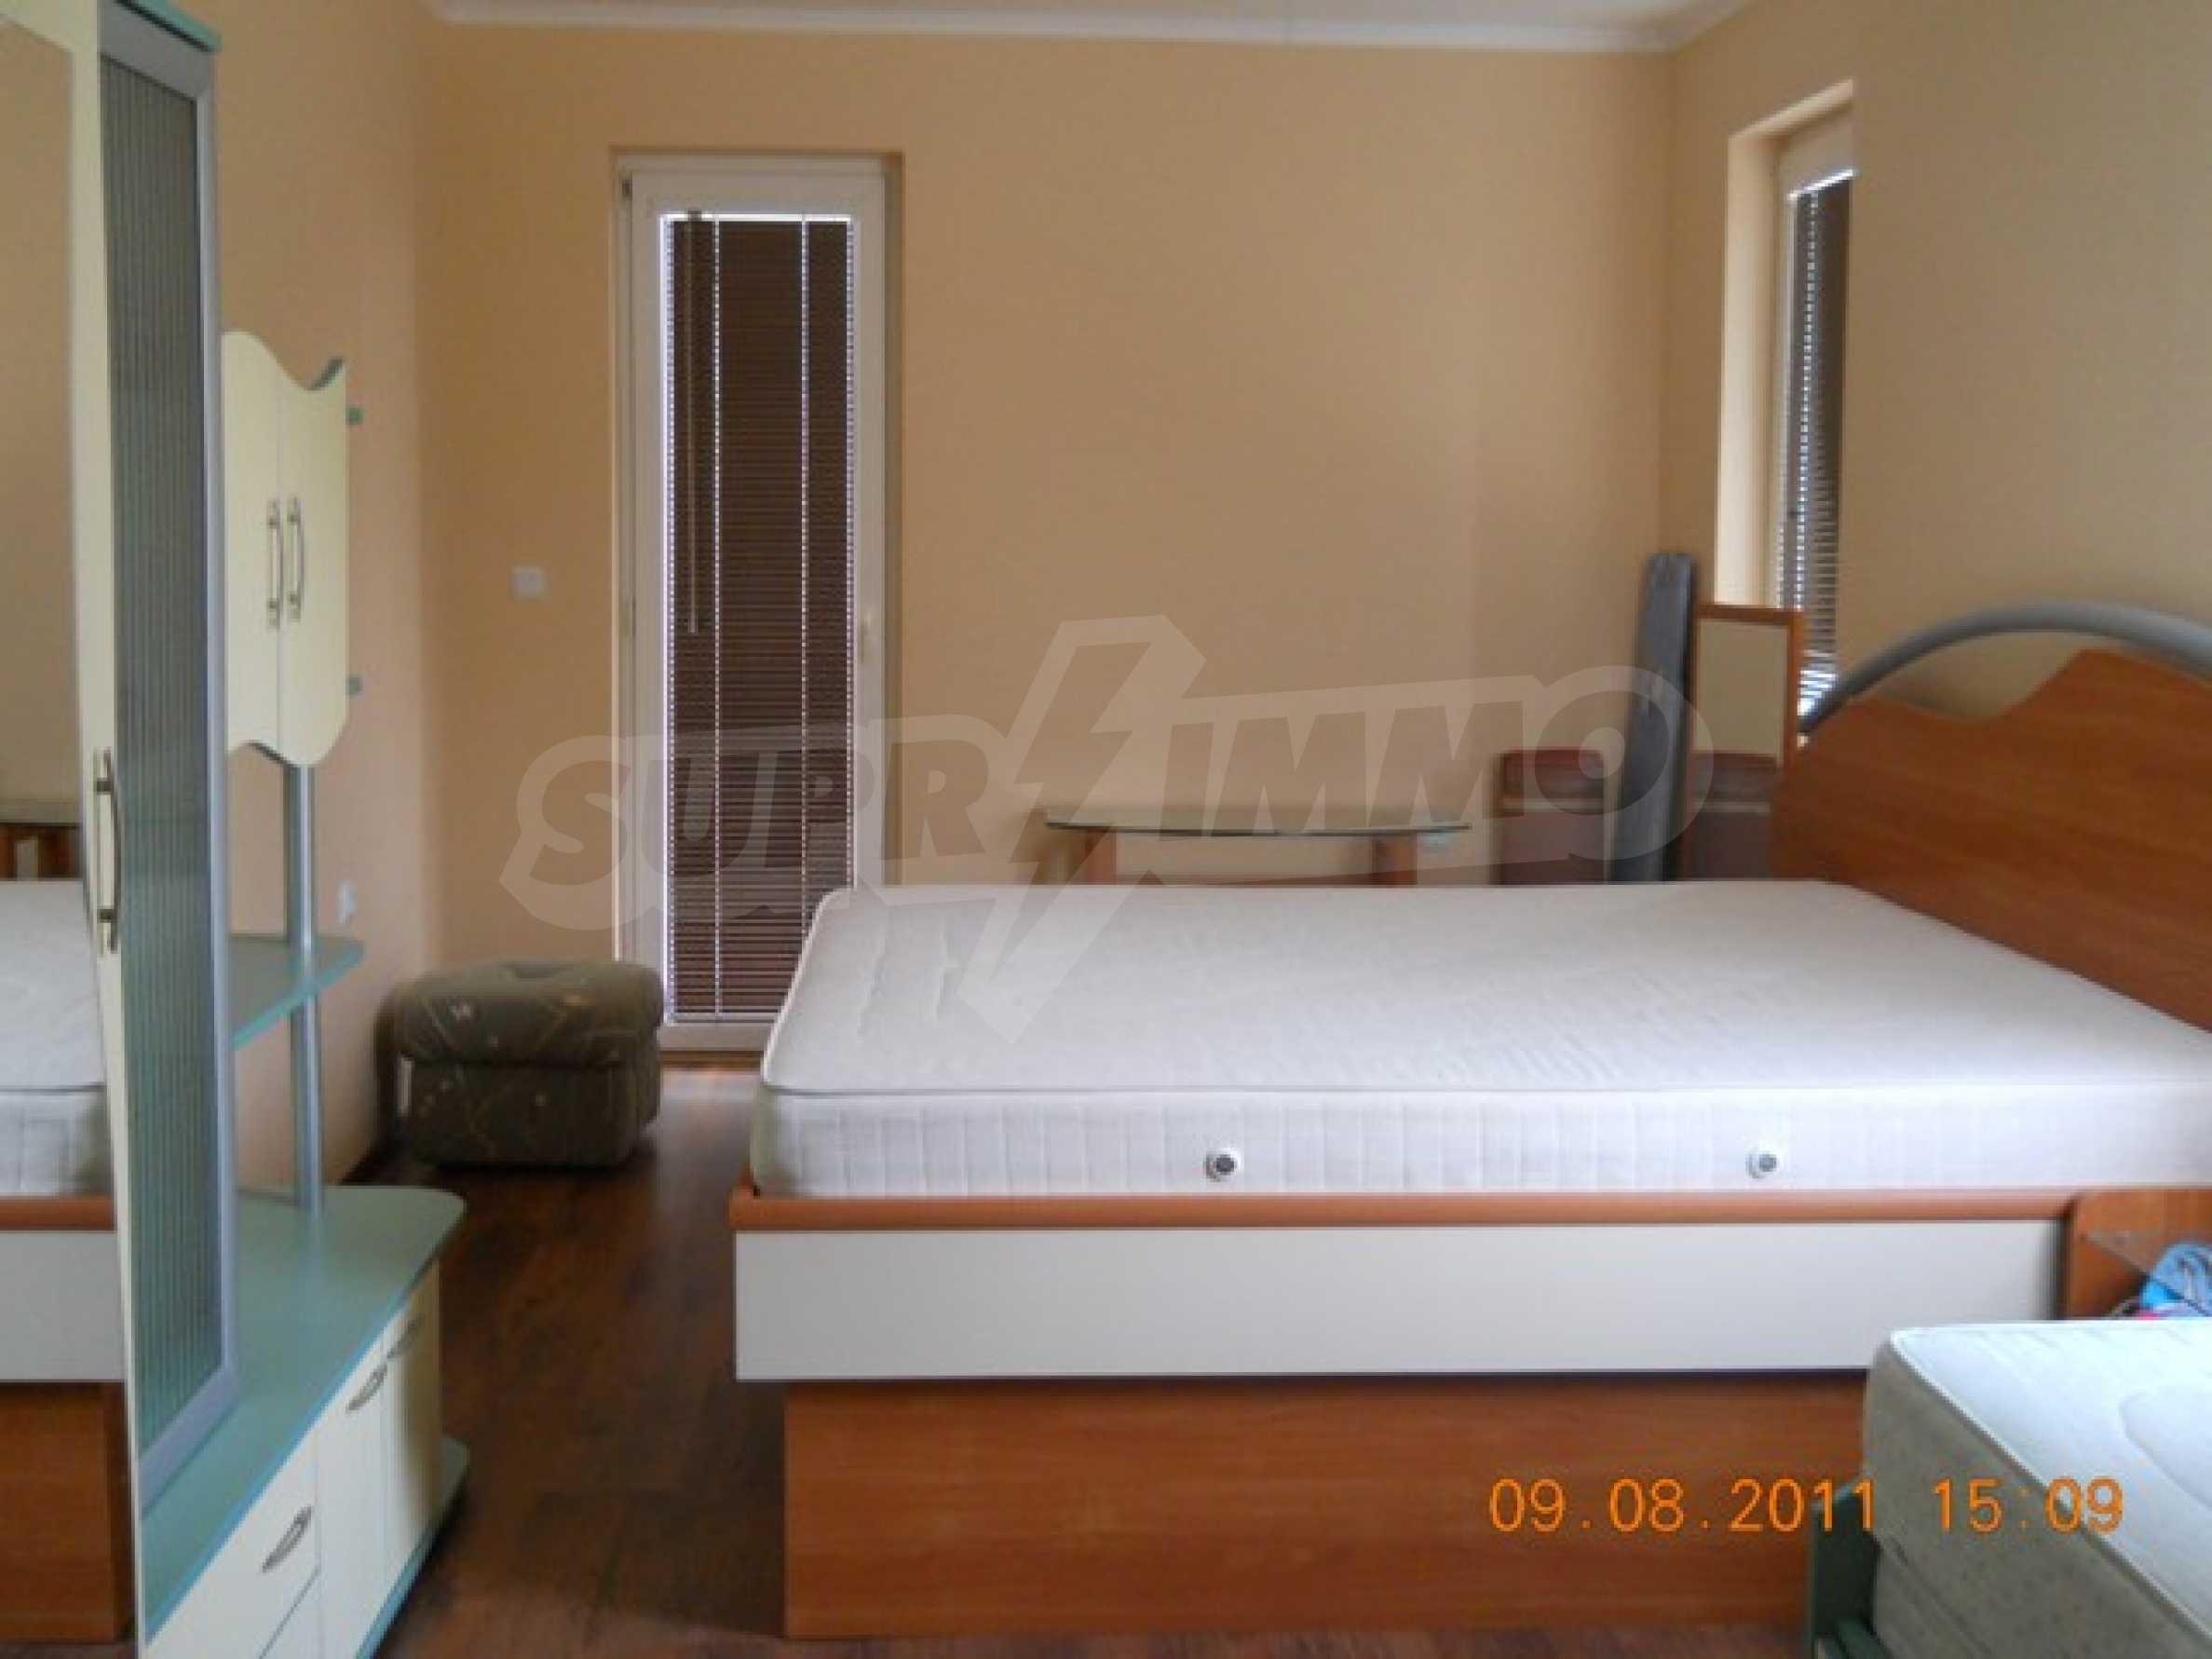 Ein-Zimmer-Wohnung in Kranevo 1